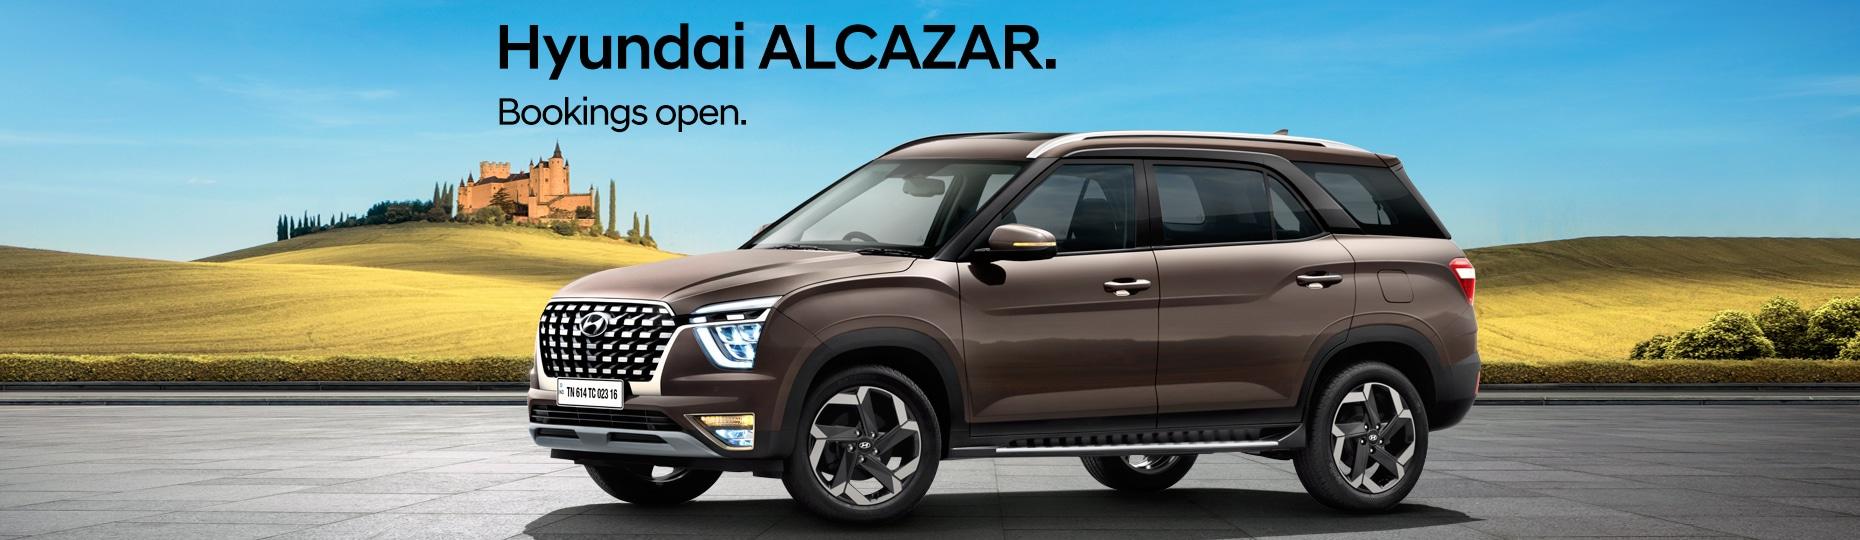 Hyundai-Alcazar-innerkv-PC-1860x540-1